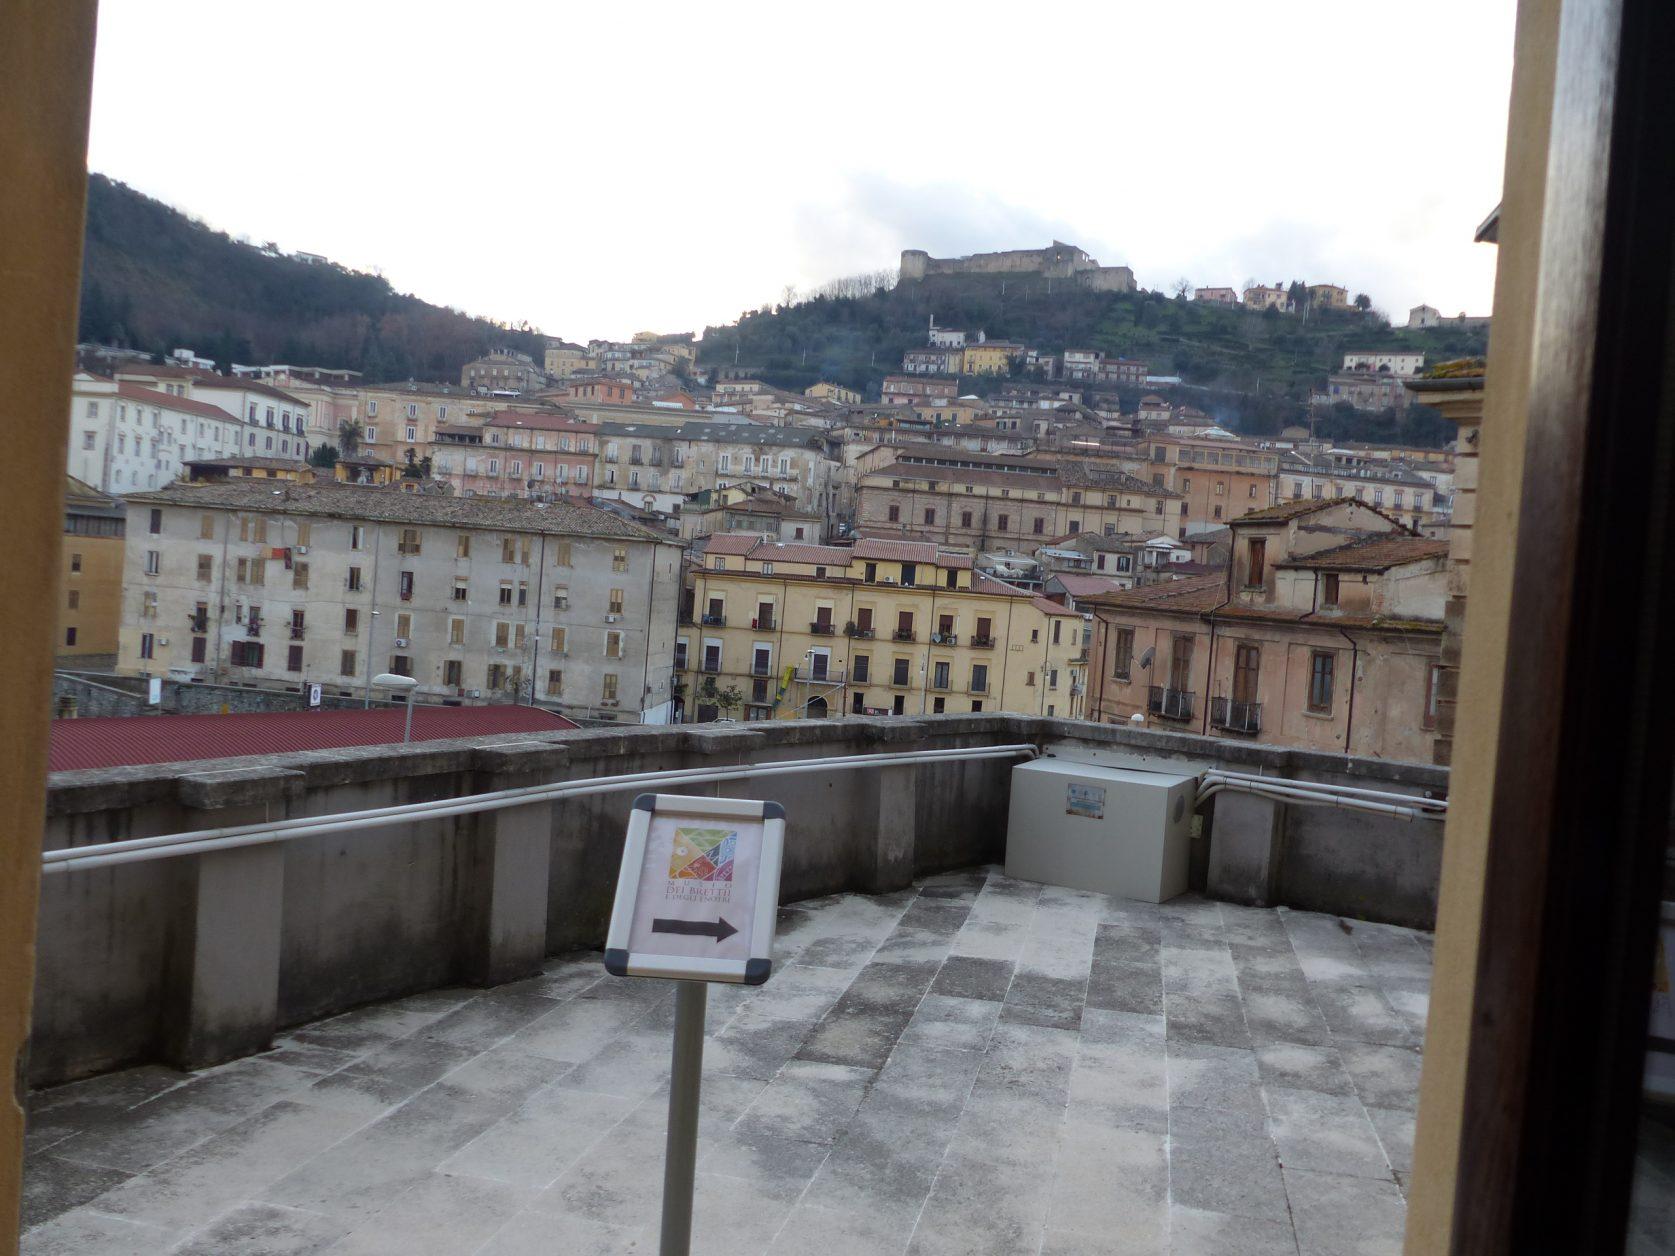 Blick auf das Schloss von Cosenza